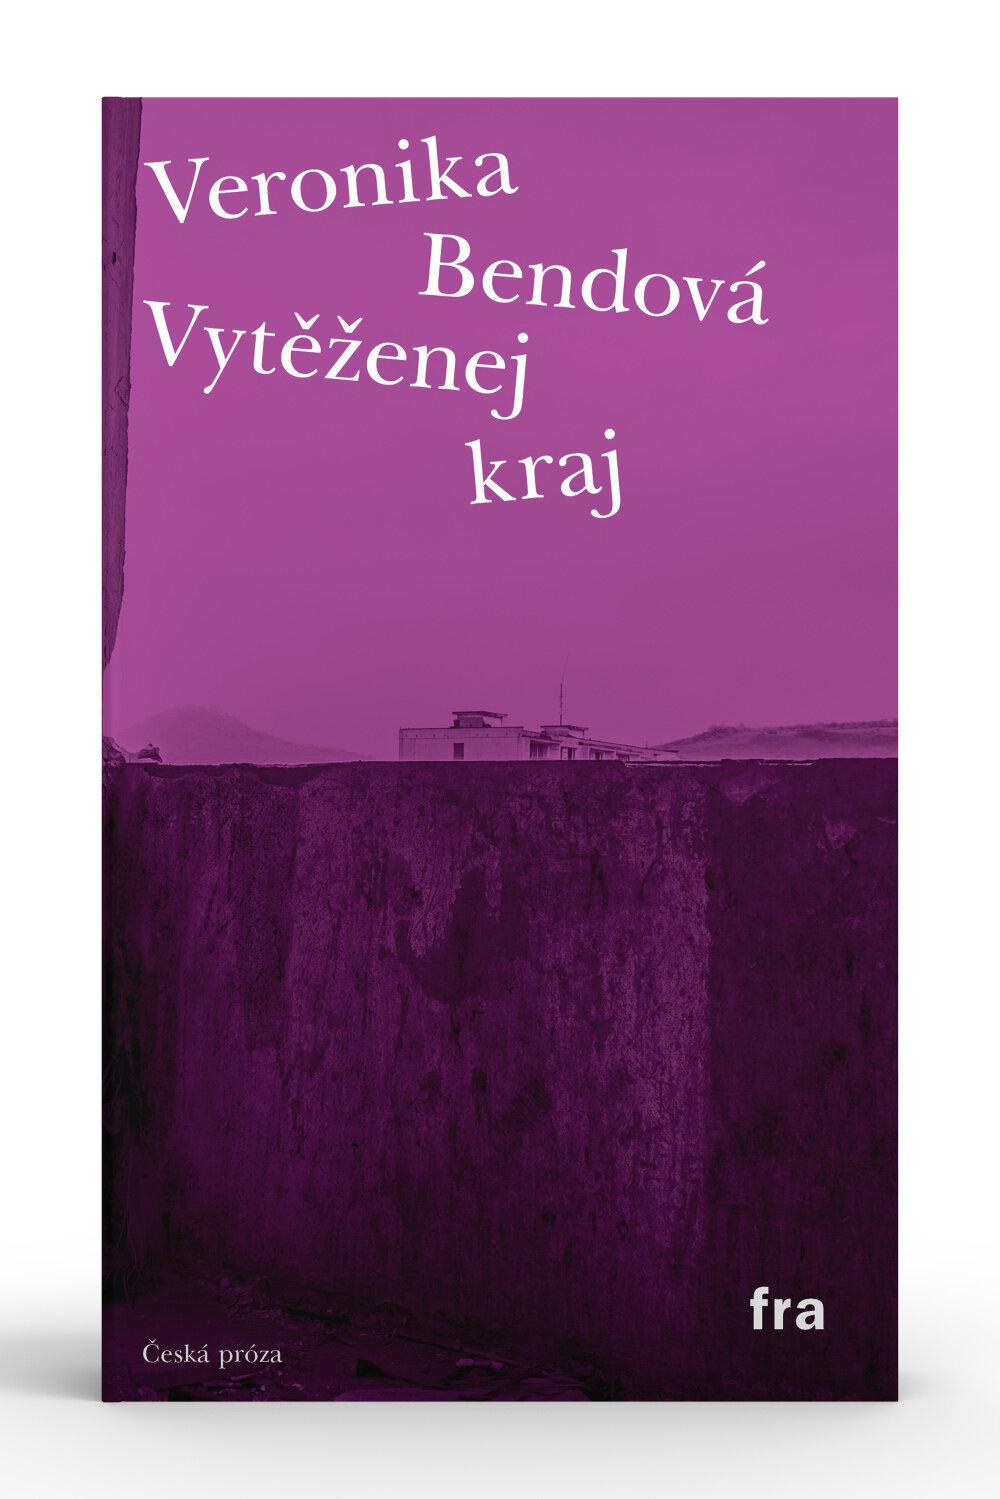 Veronika Bendová, Vytěženej kraj